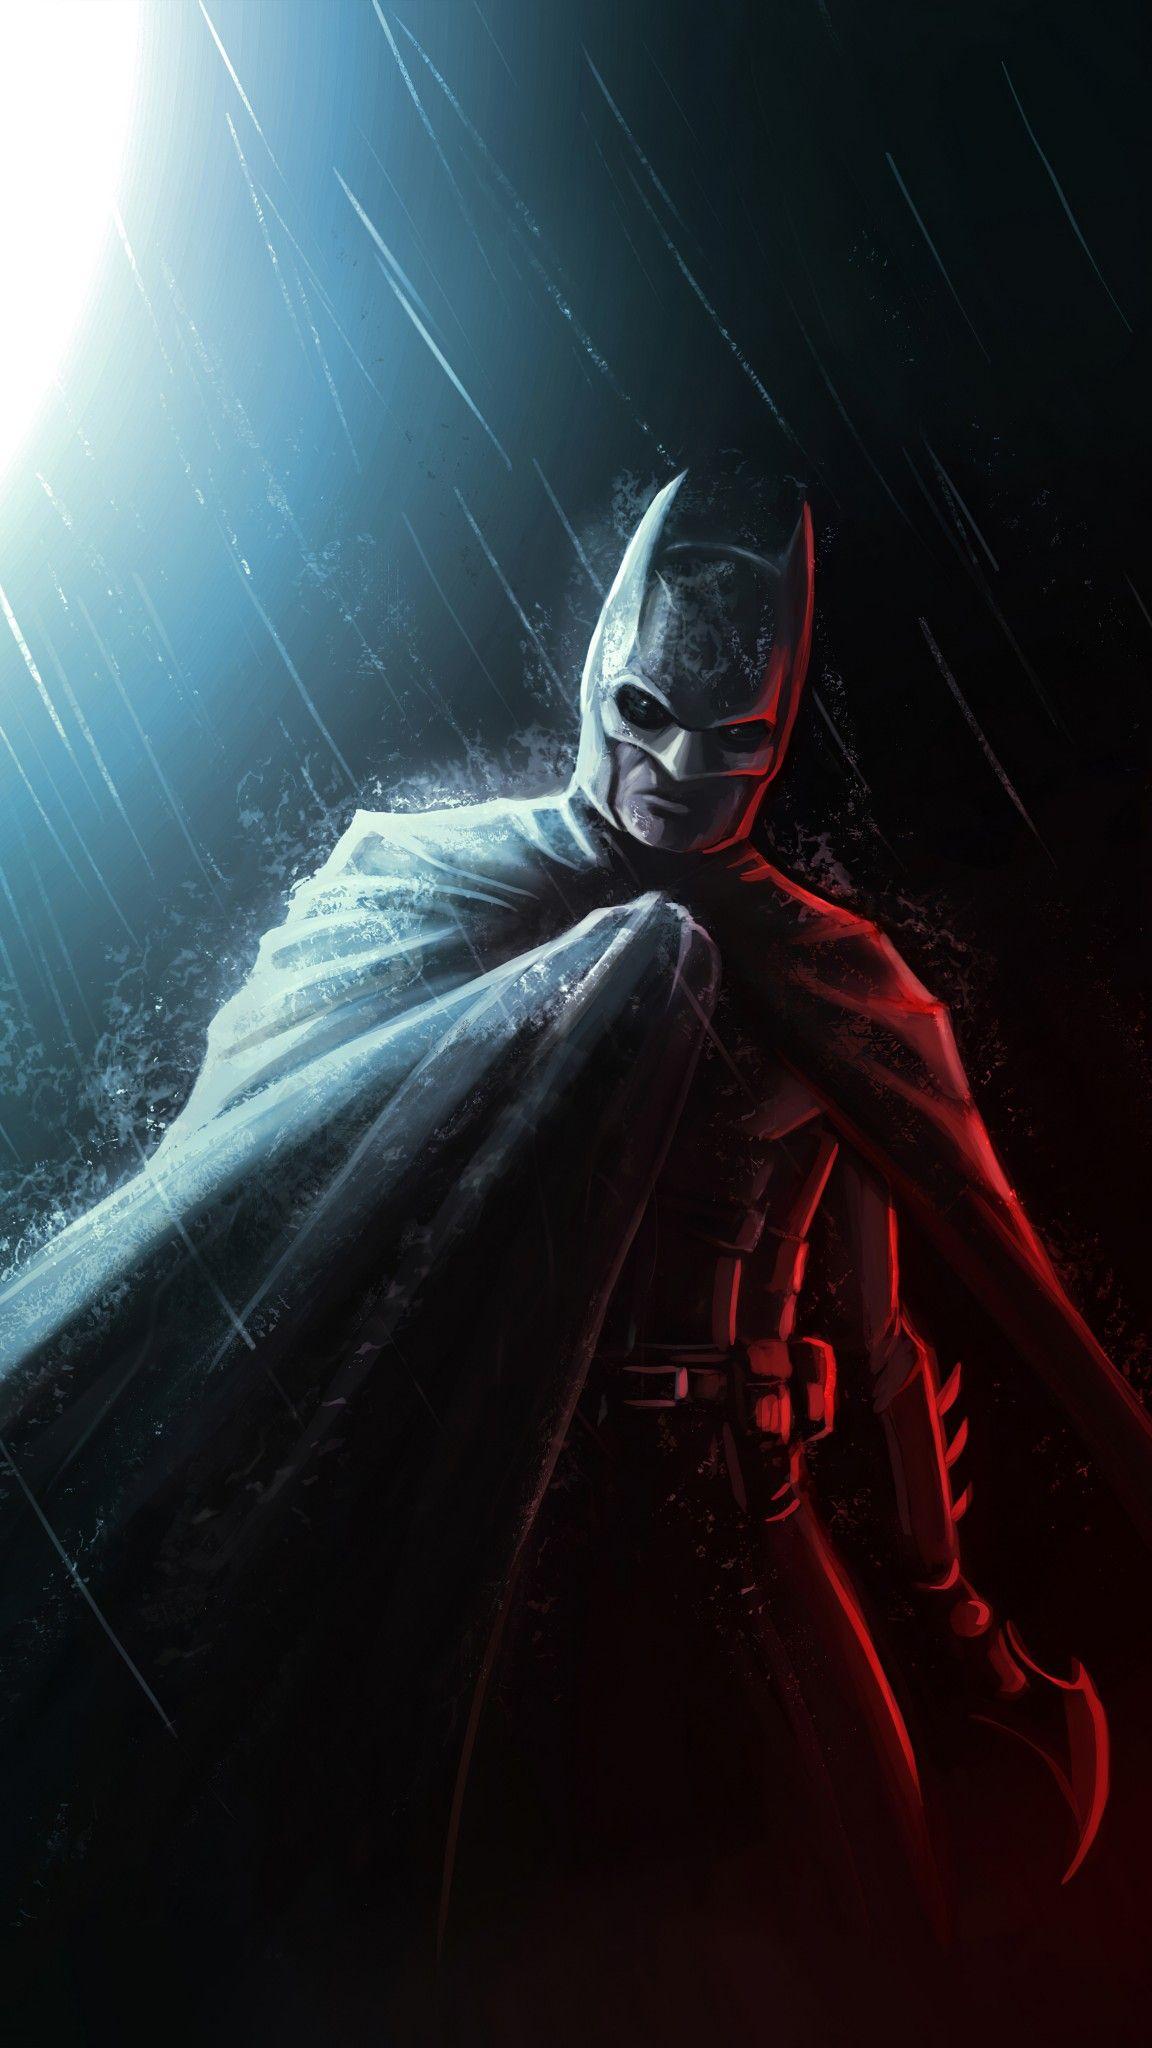 Batman Bruce Wayne In 2020 Batman Joker Wallpaper Batman Artwork Batman Wallpaper